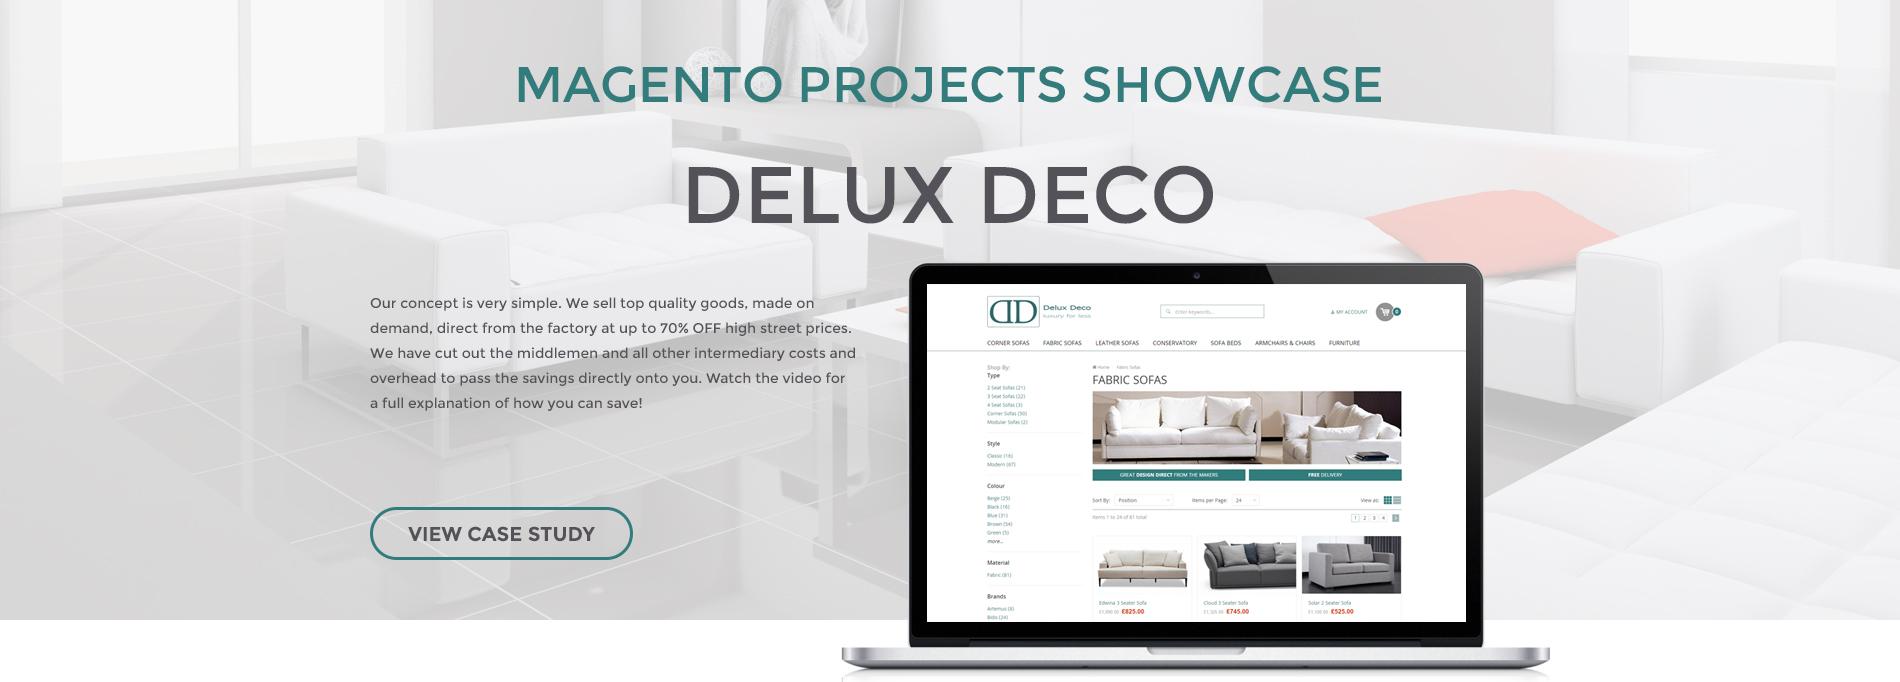 Delux Deco